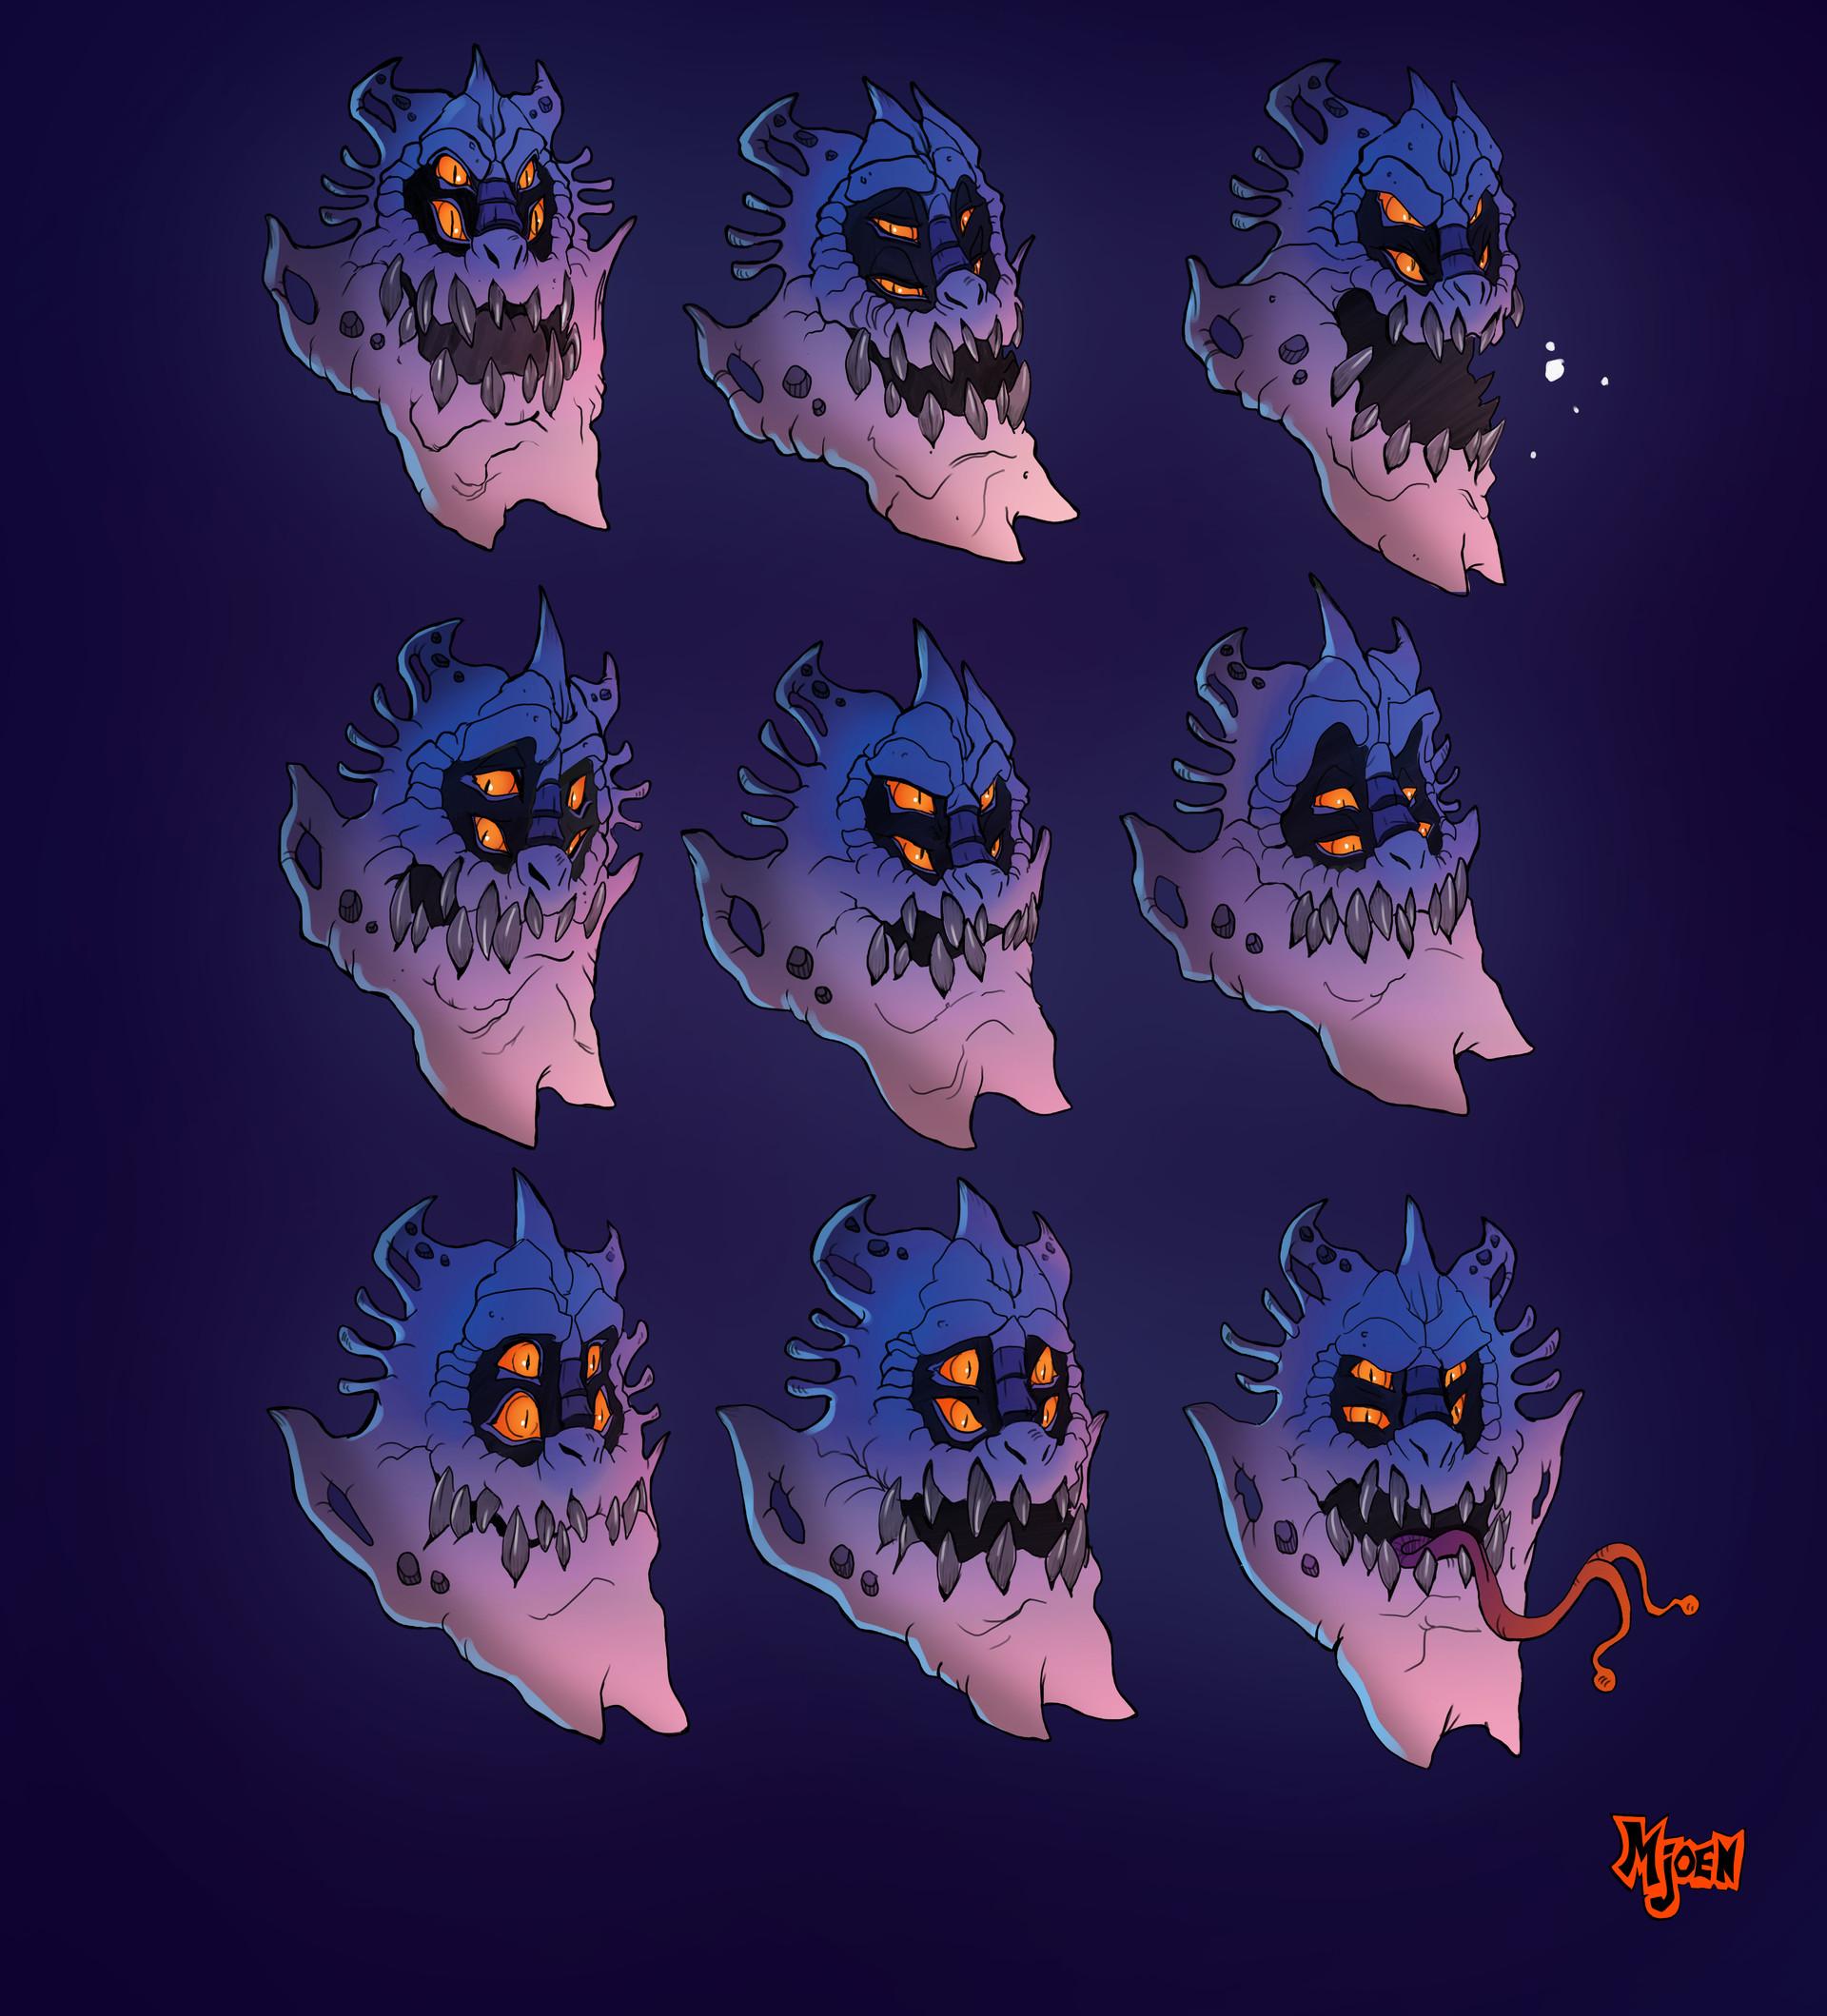 Kyle mjoen alien gangster facial expressions